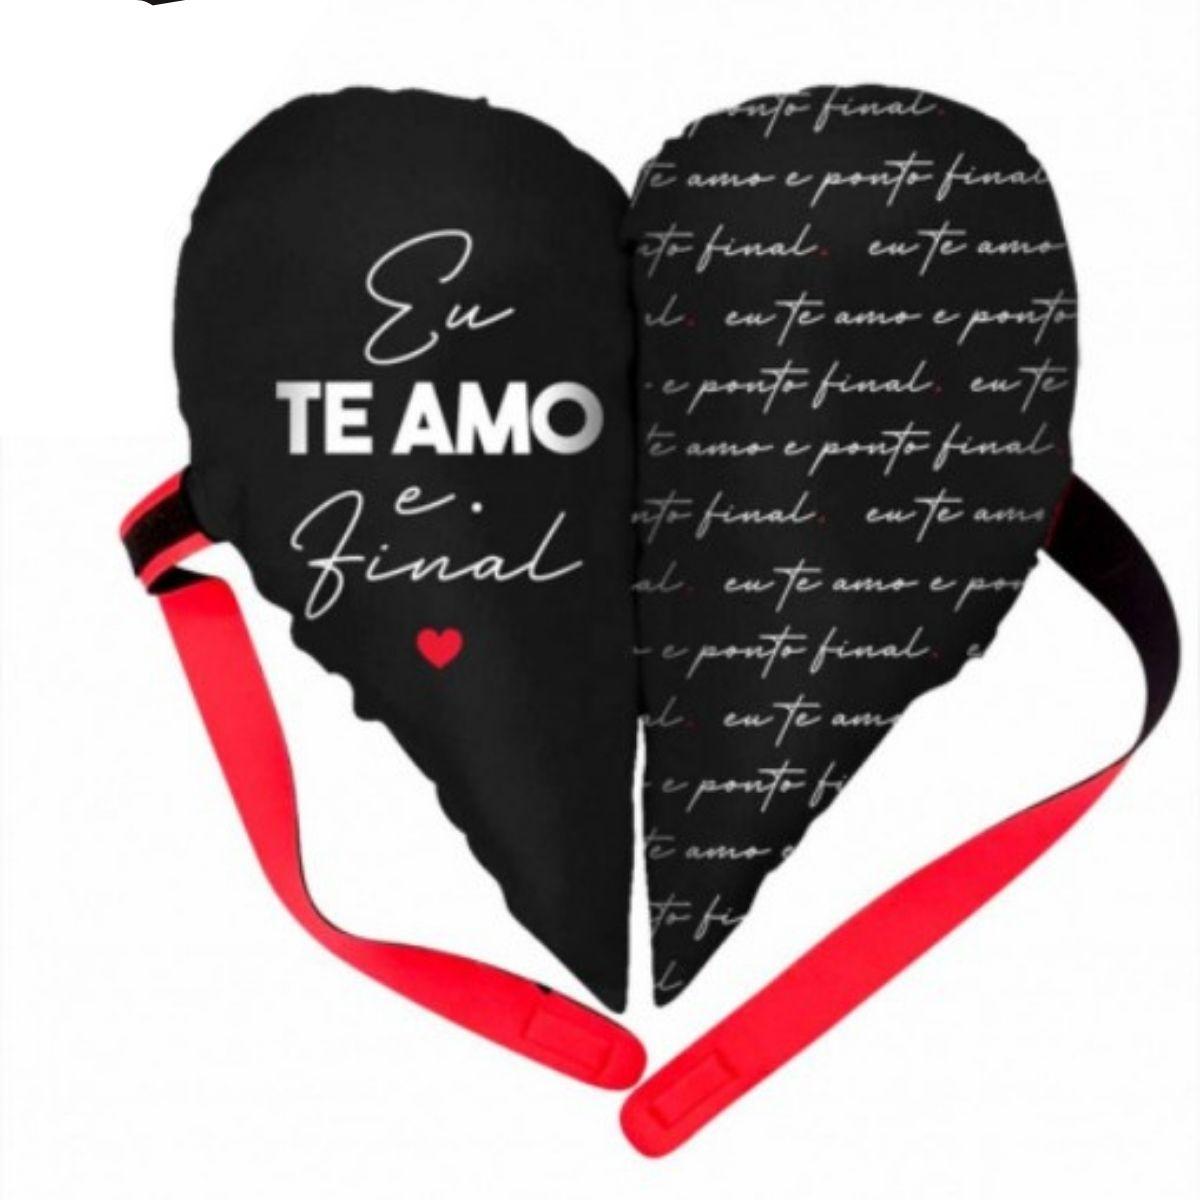 Almofada Coração Partido - Te Amo e Ponto Final Presente Namorados Brasfoot